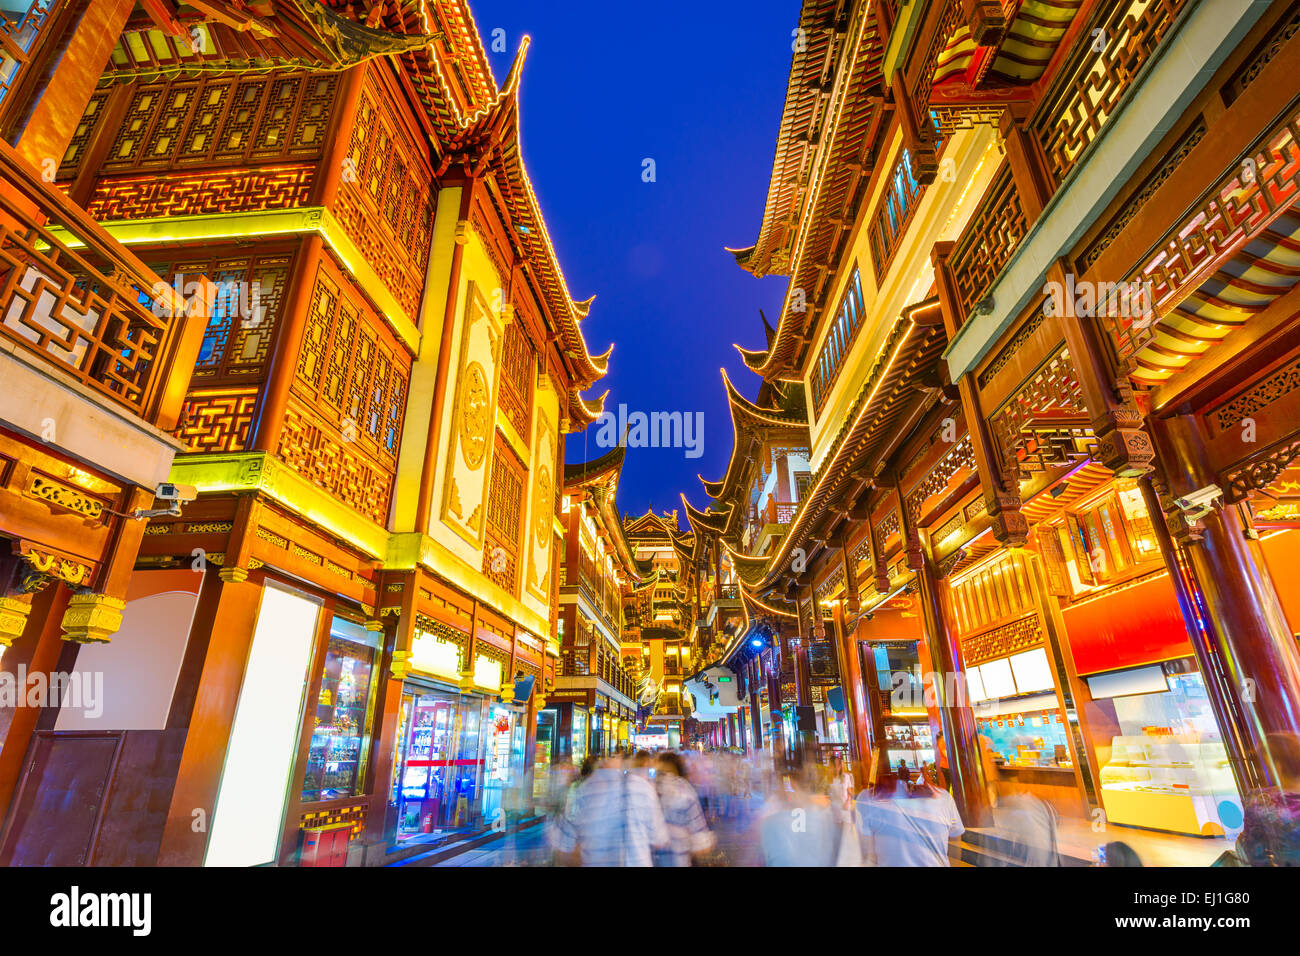 Shanghai, China at traditional Bazaar near Yuyuan Gardens. - Stock Image